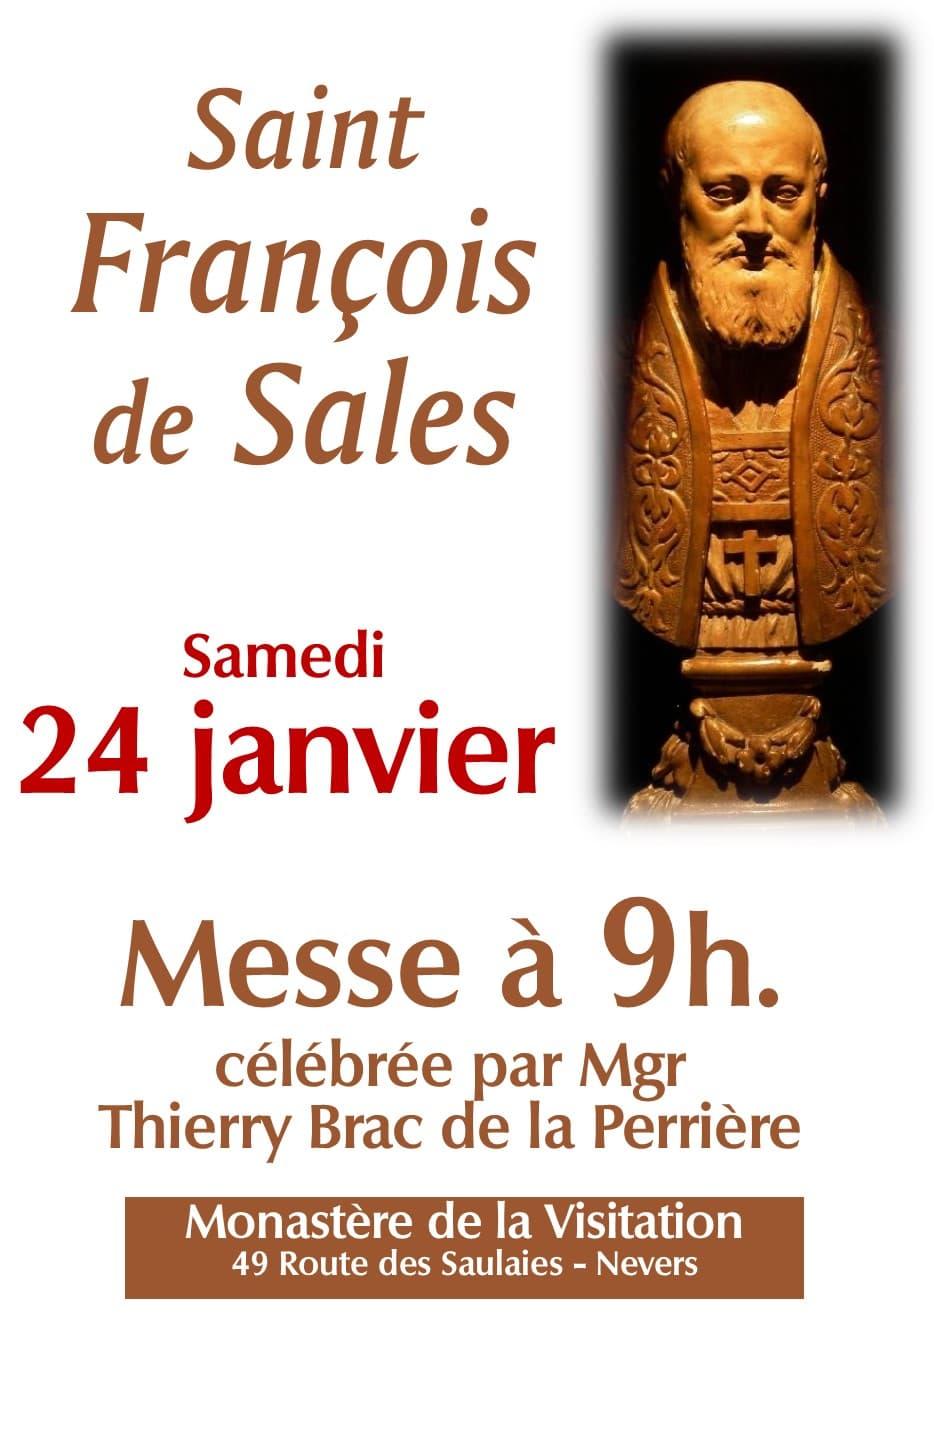 St Fr. de Sales 2015